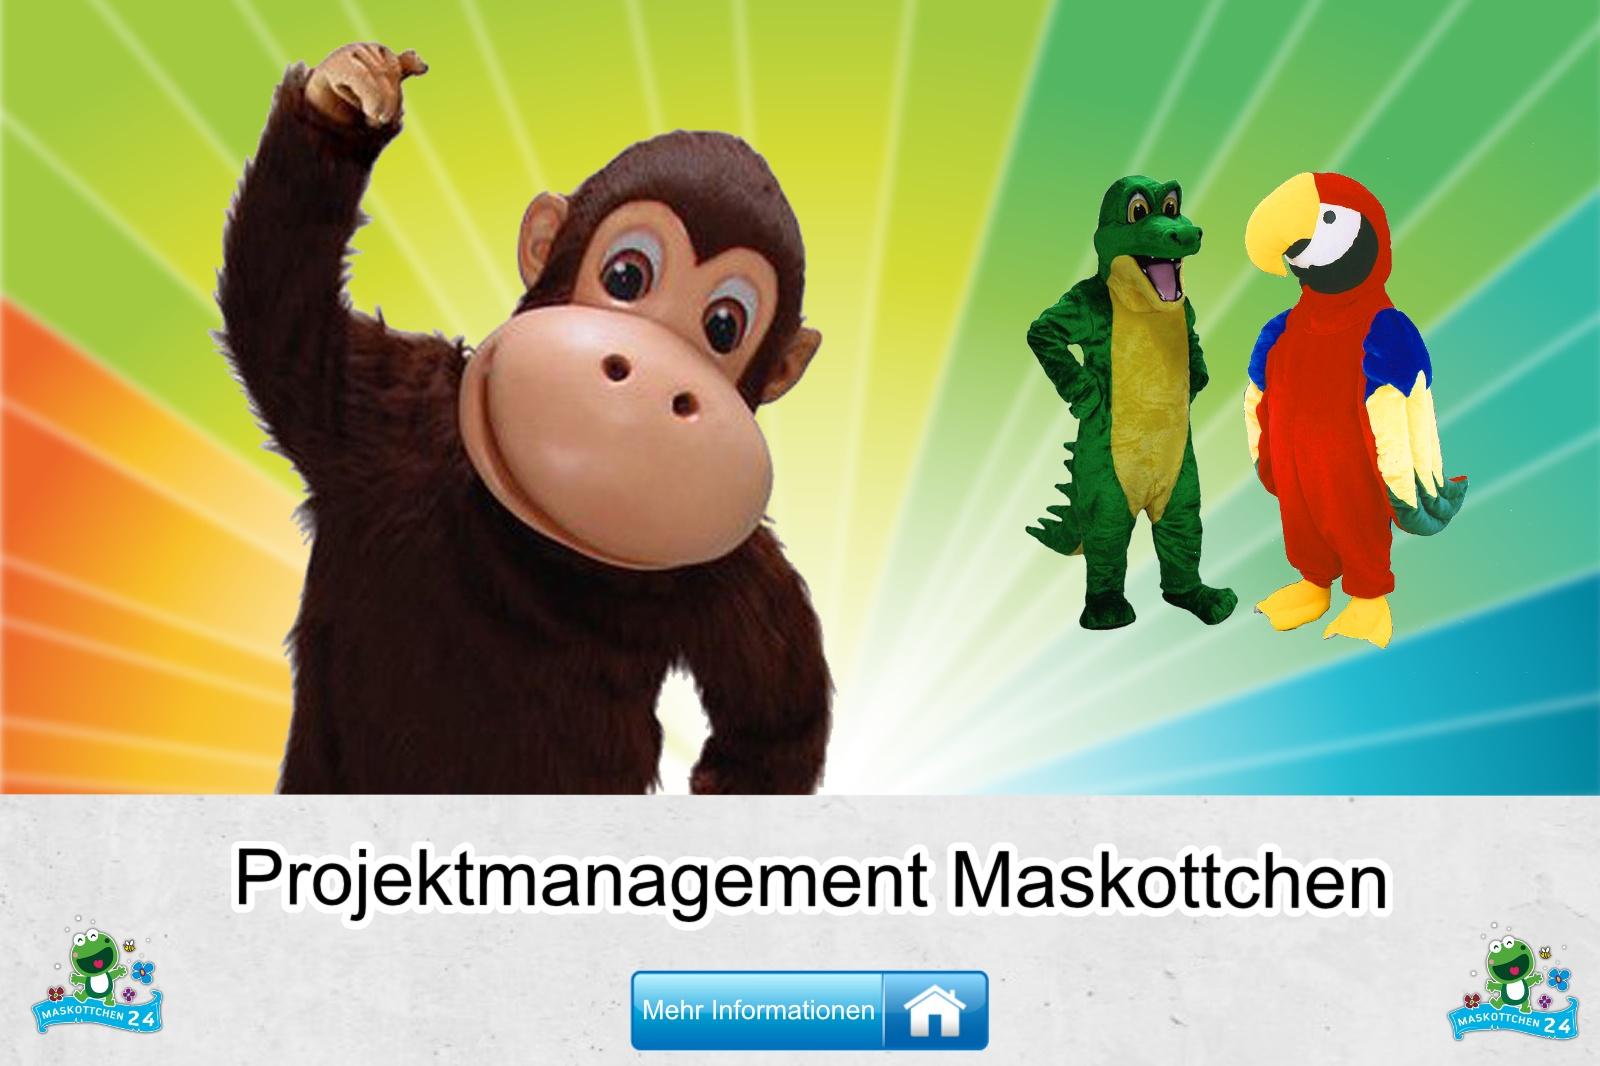 Projektmanagement Maskottchen Kostüm kaufen, günstige Produktion / Herstellung